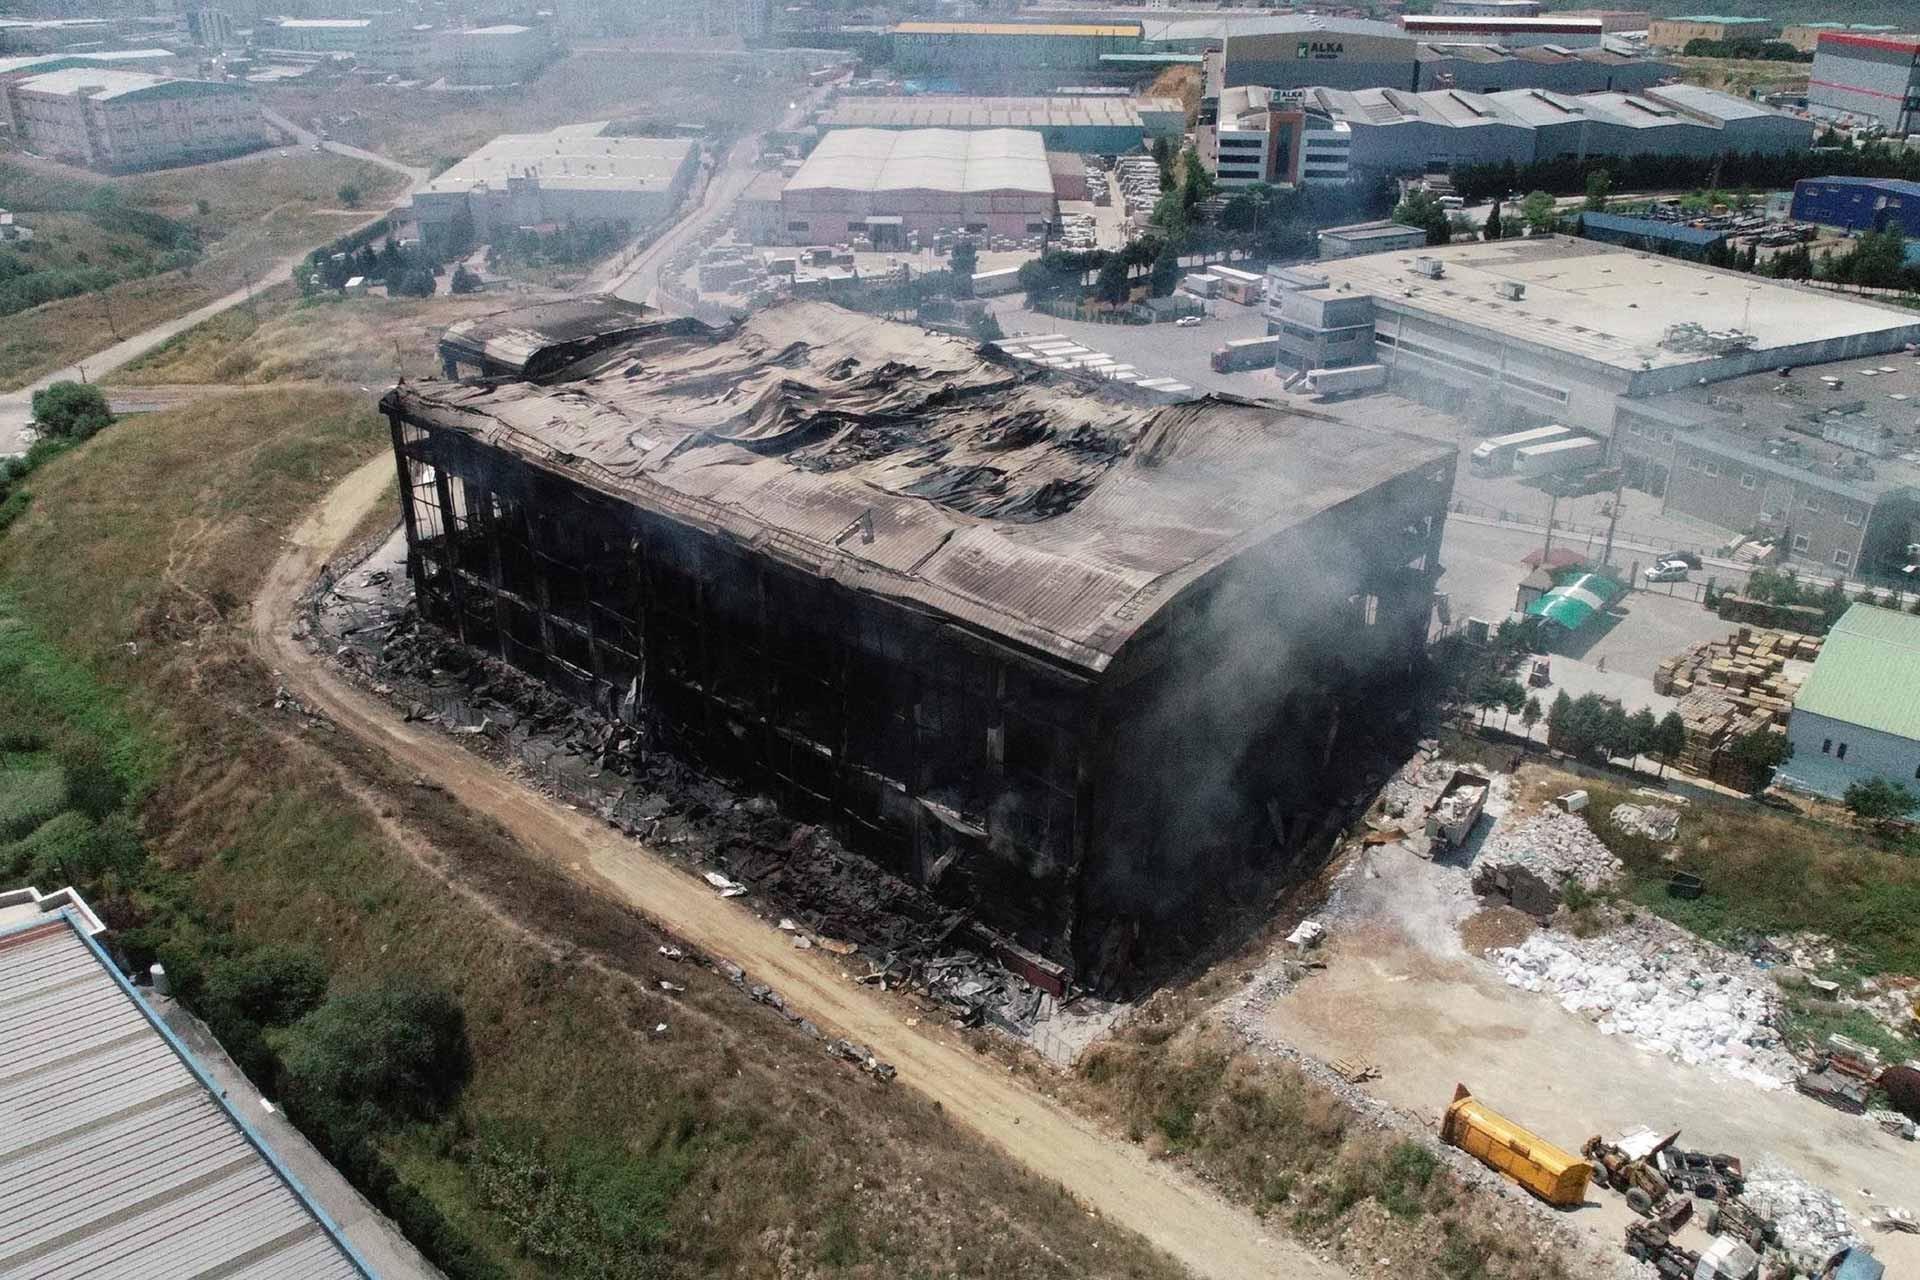 Kocaeli Akpınar Tekstil'de yanarak can verenlerin 4'ü mülteci işçi